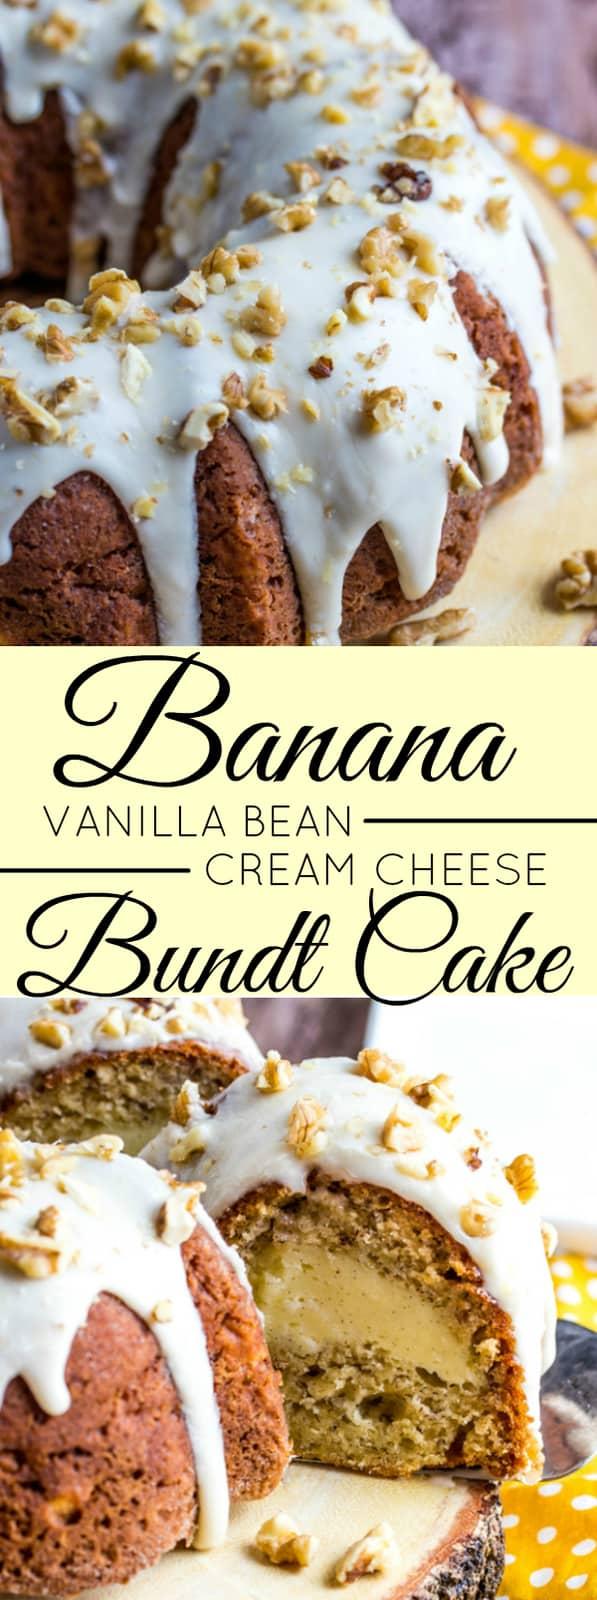 Banana Vanilla Bean Cream Cheese Bundt Cake